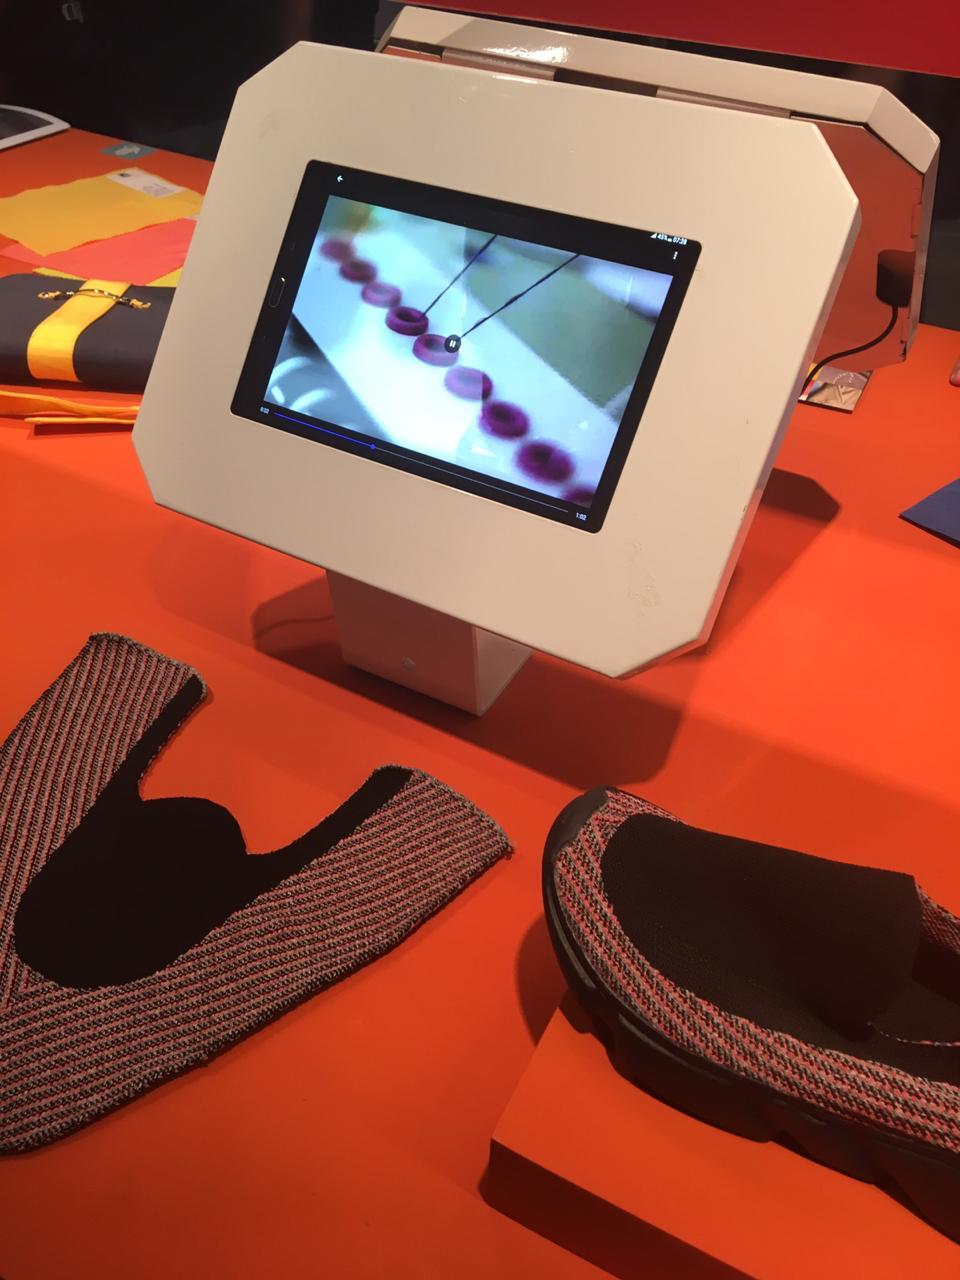 Linha produzida em tecelagem 3D por peça de cabedal de tênis multicolorido em knit